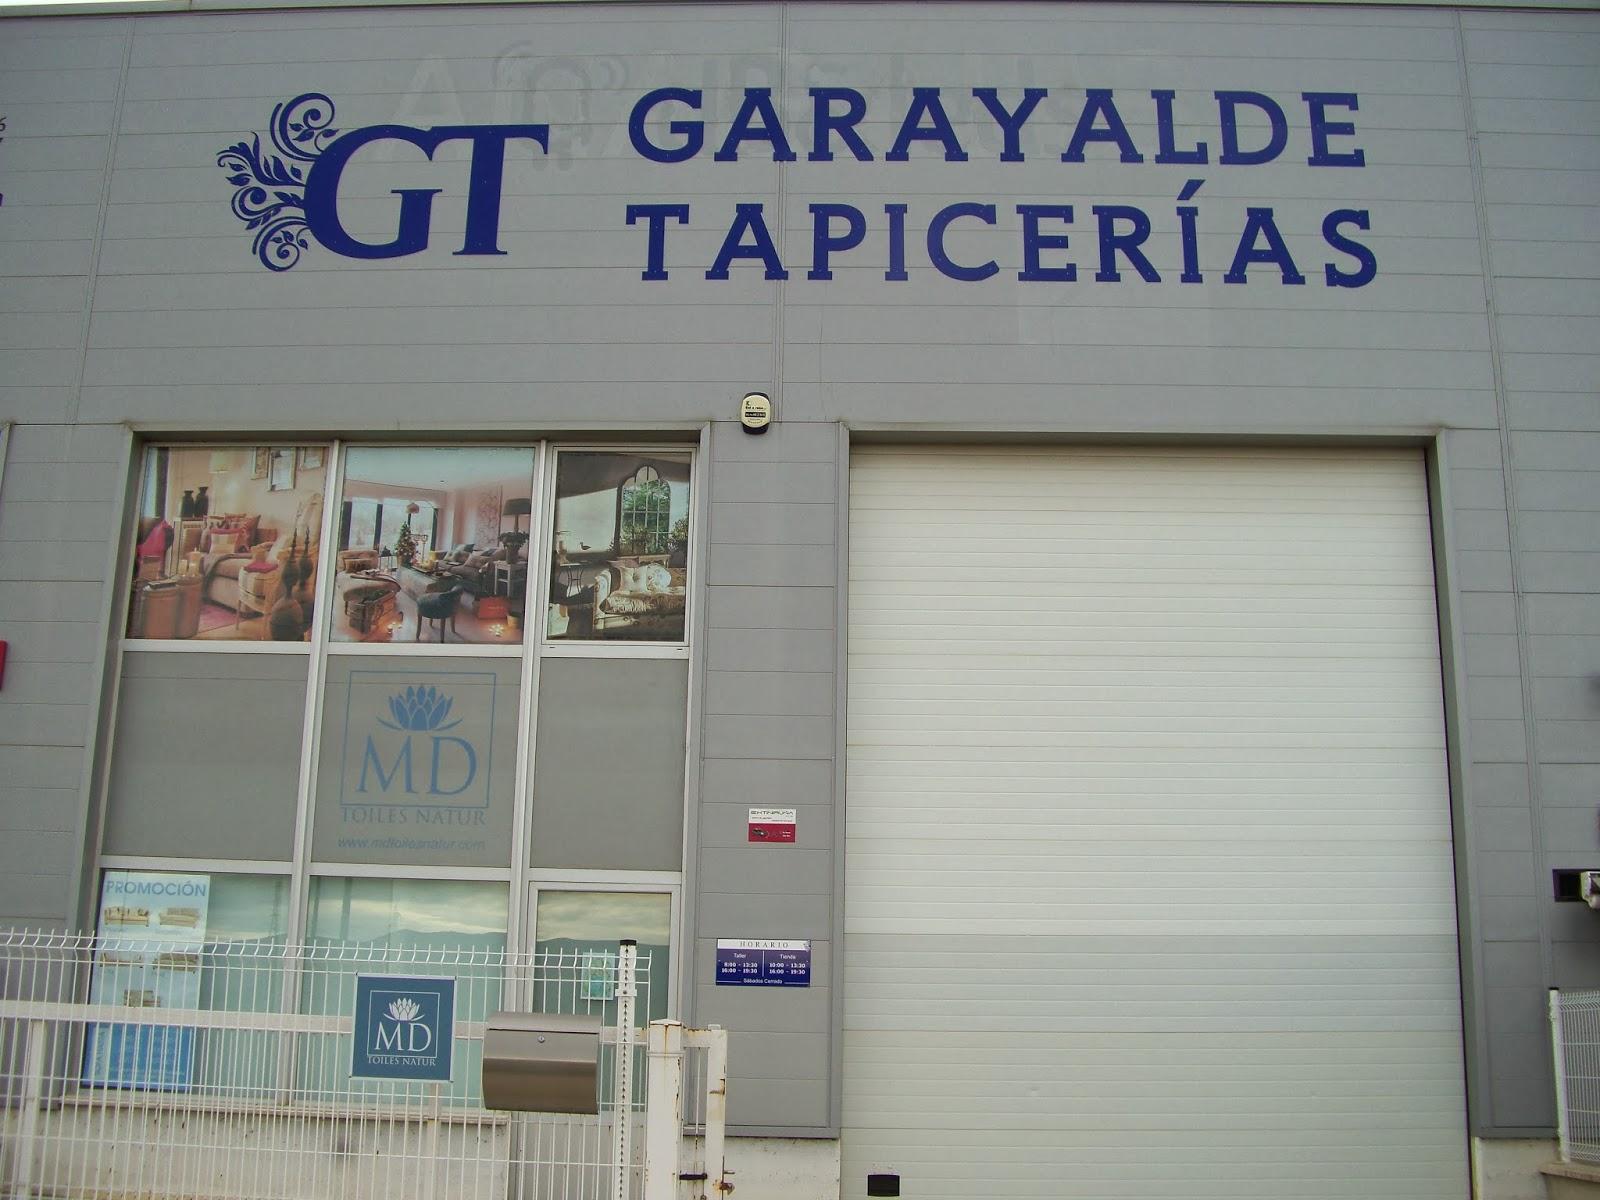 Calidad experiencia y profesionalidad tapicerias garayalde - Tapicerias en pamplona ...